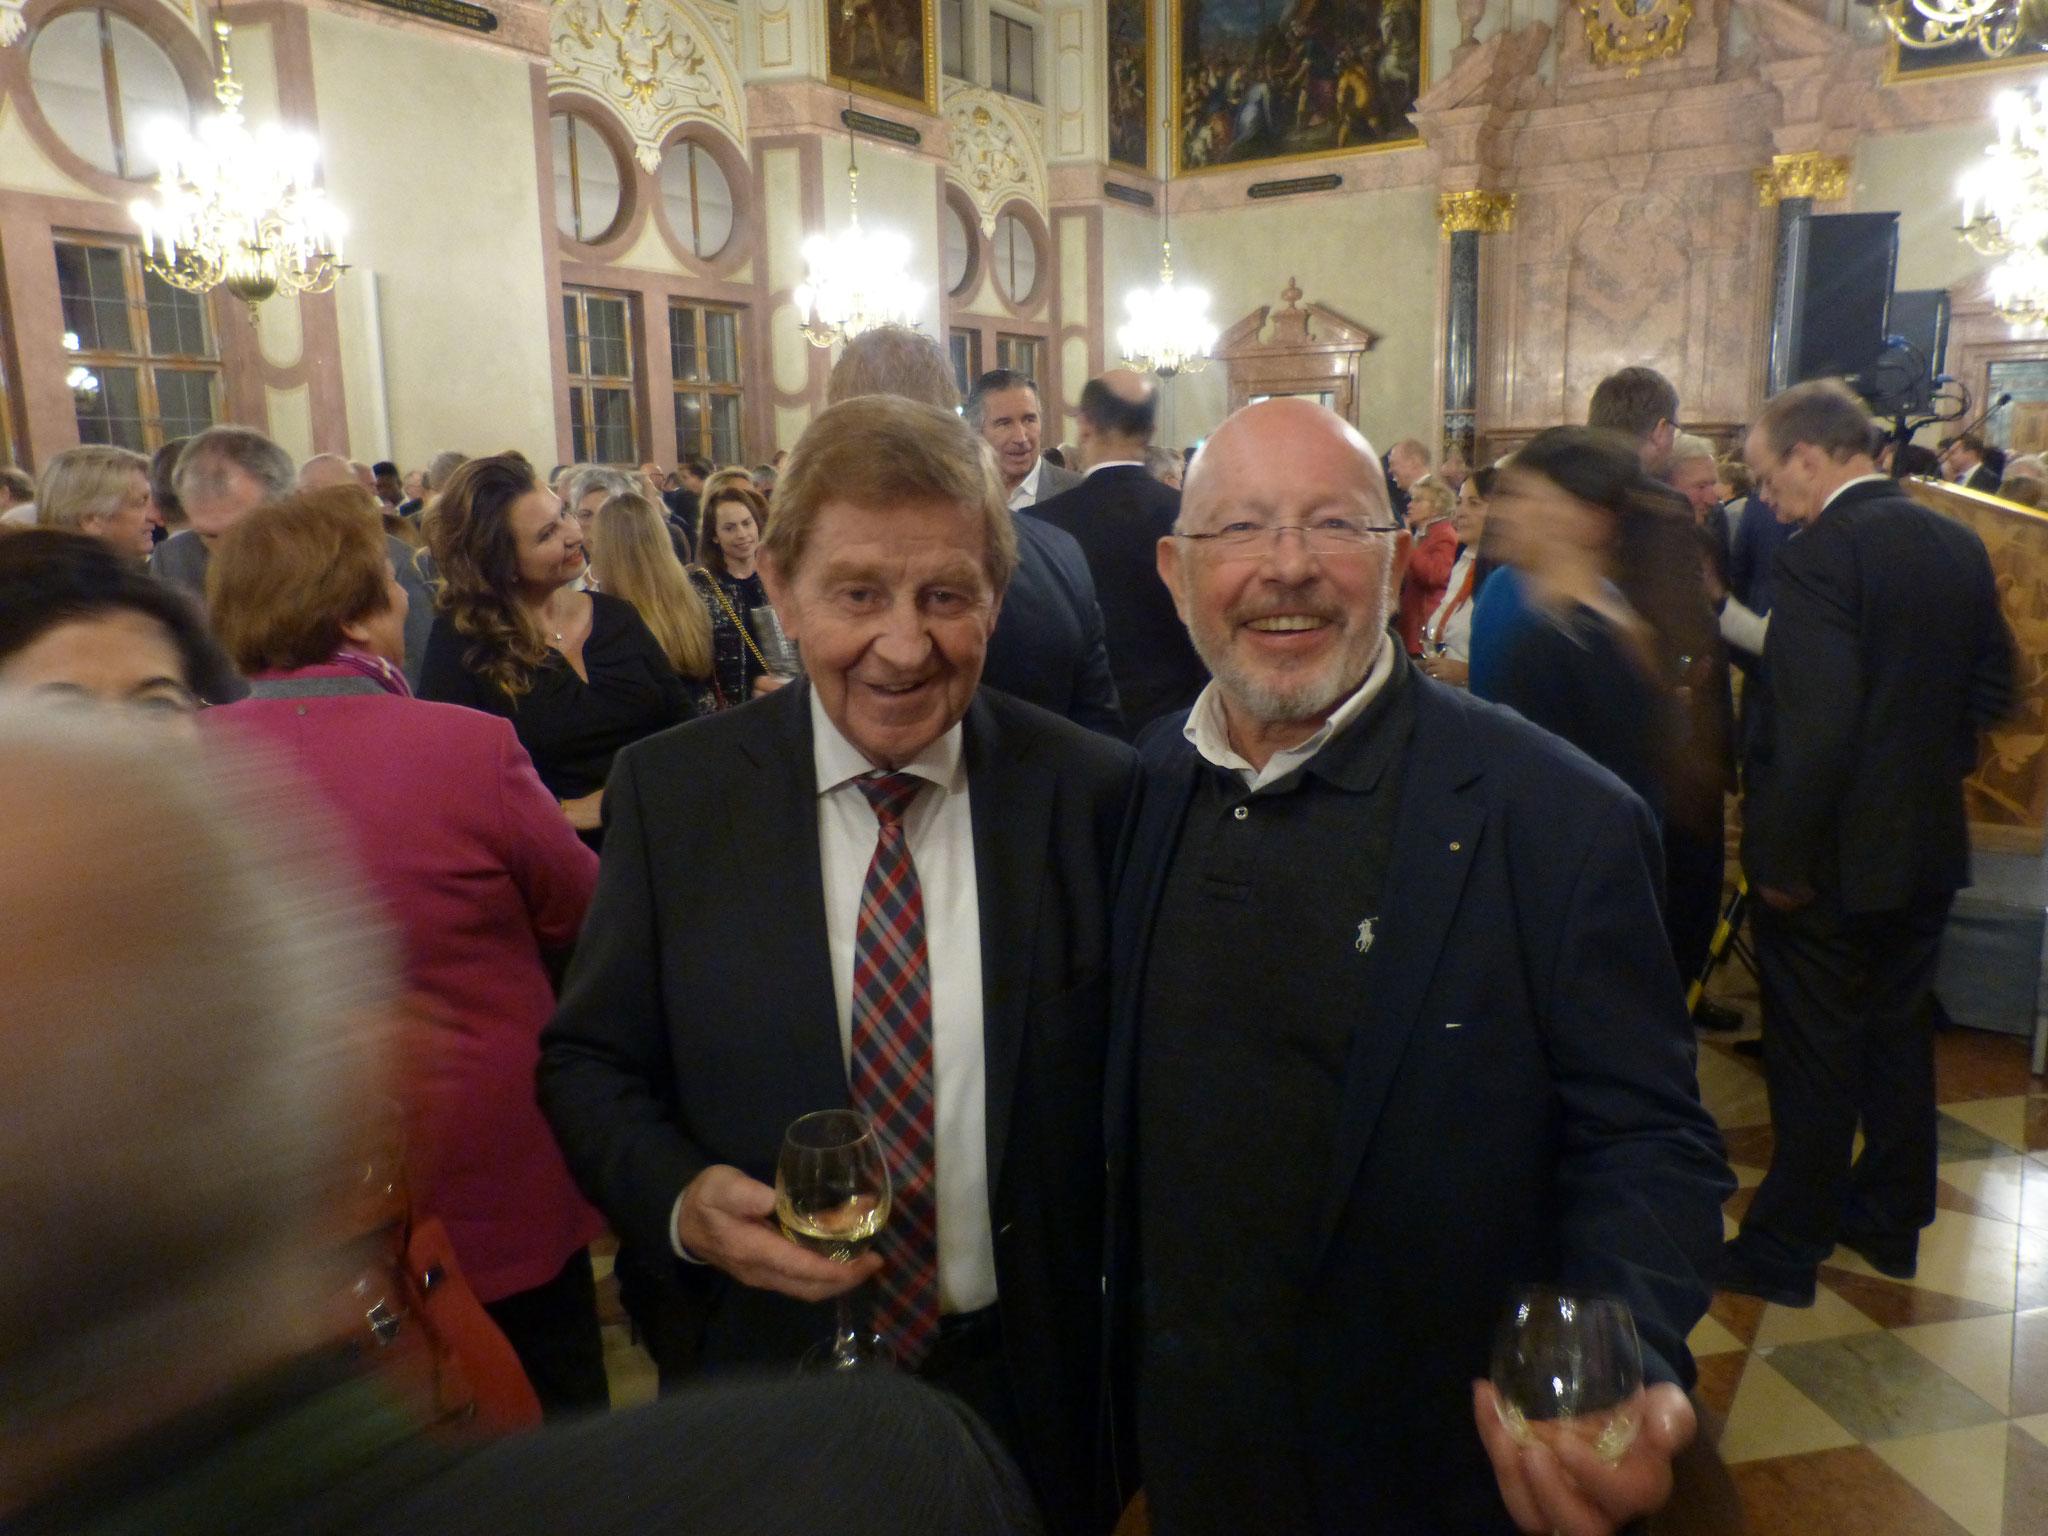 BRSI Vorstand Dr. Dieter Körner mit dem ehemaligen Generalsekretär der CSU Otto Wiesheu